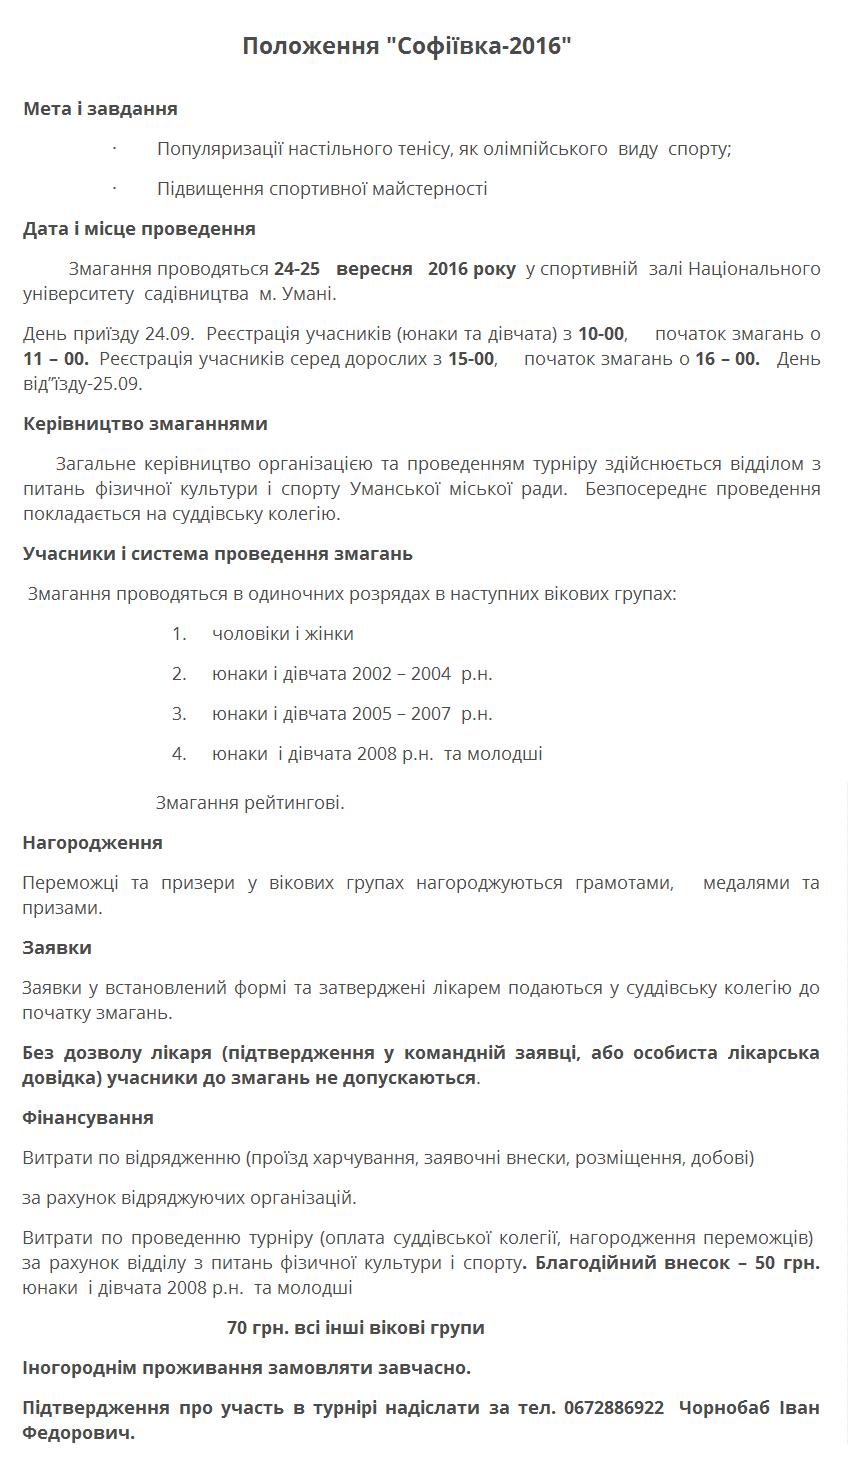 Положение Софиевка